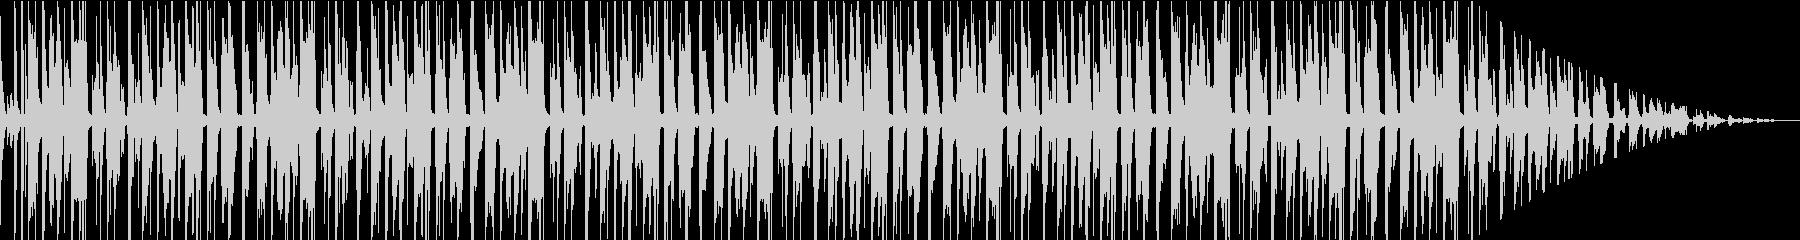 渋くてクールなディスコサウンドの未再生の波形